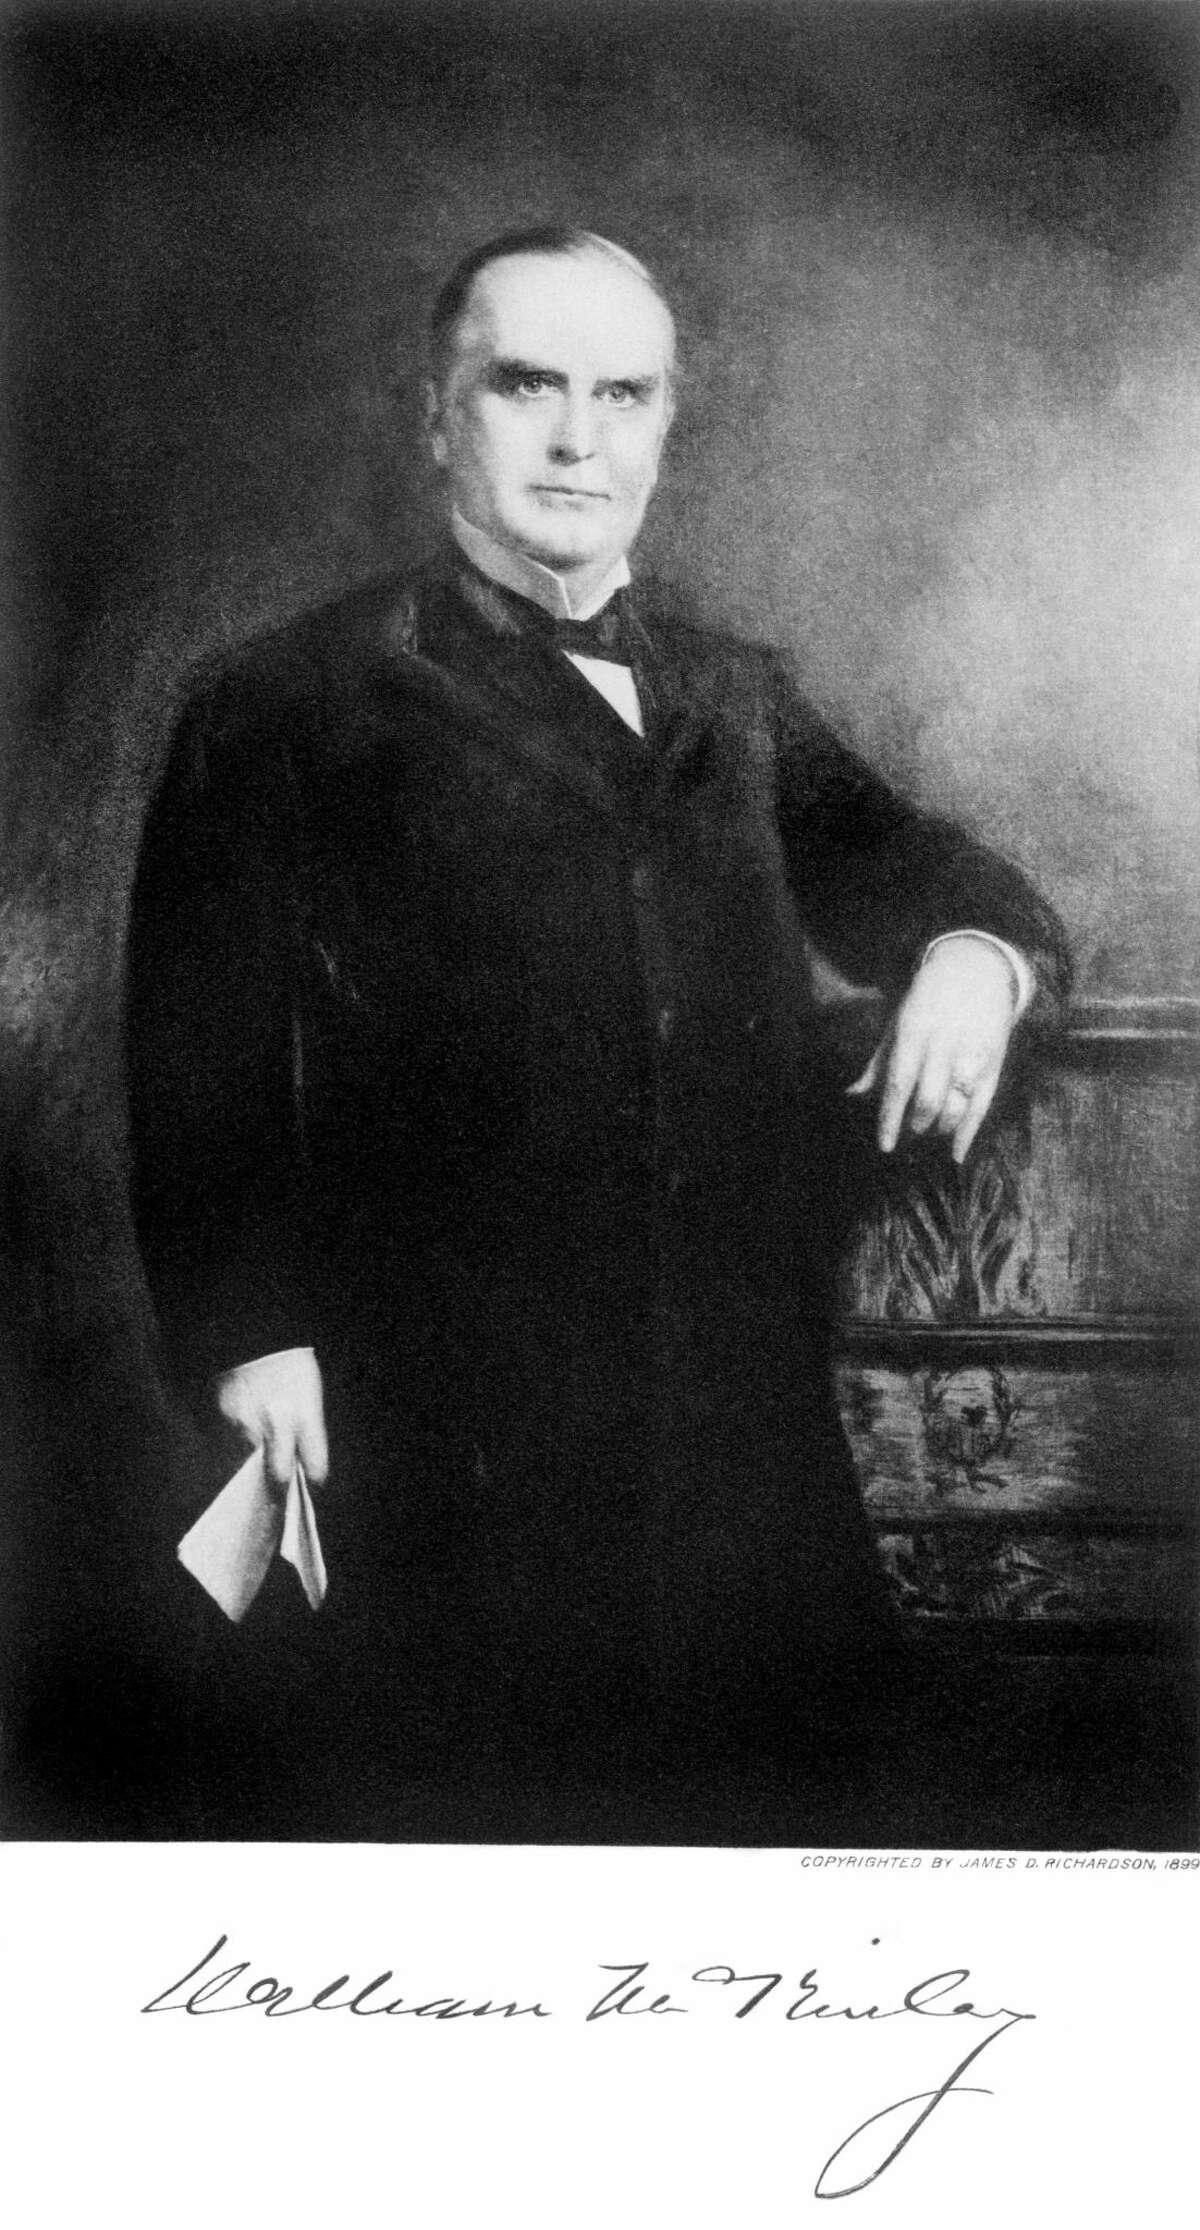 1890s-era portrait of 25th U.S. president William McKinley.